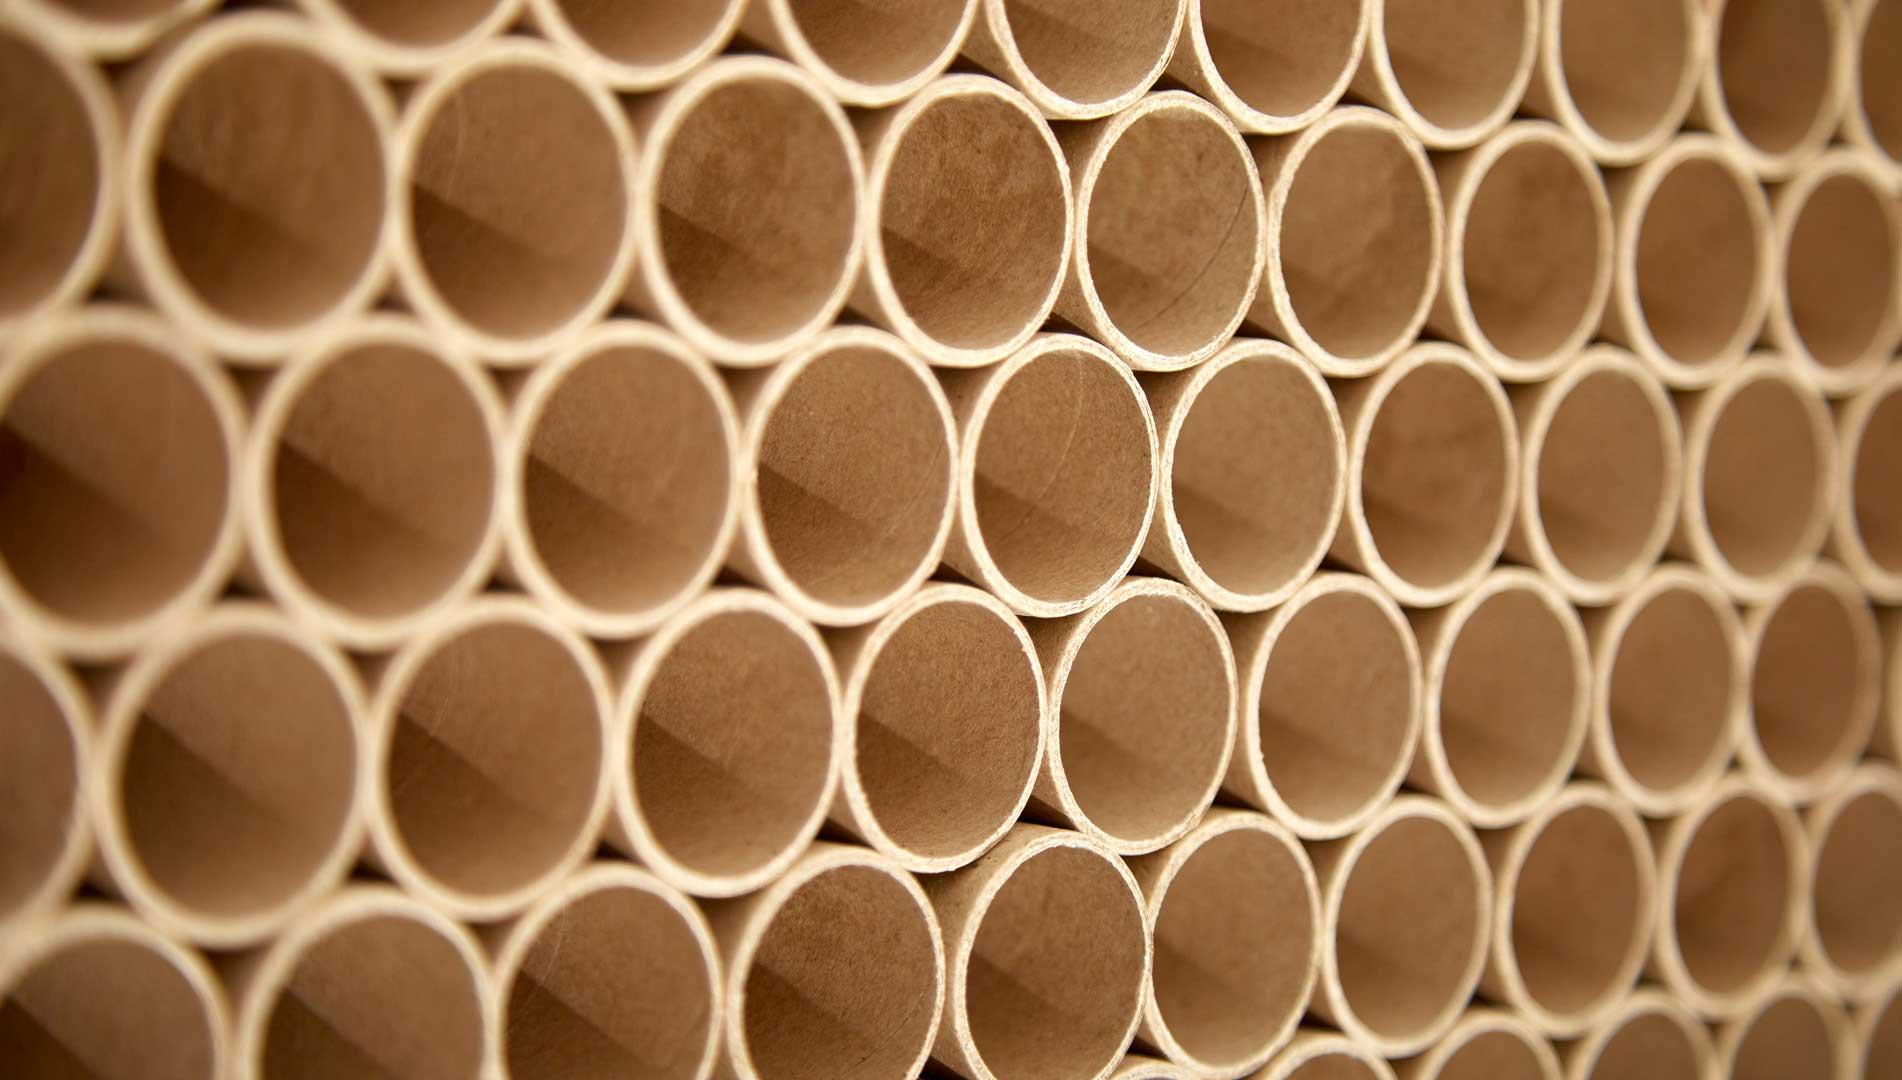 хартиените шпули или хартиени тръби